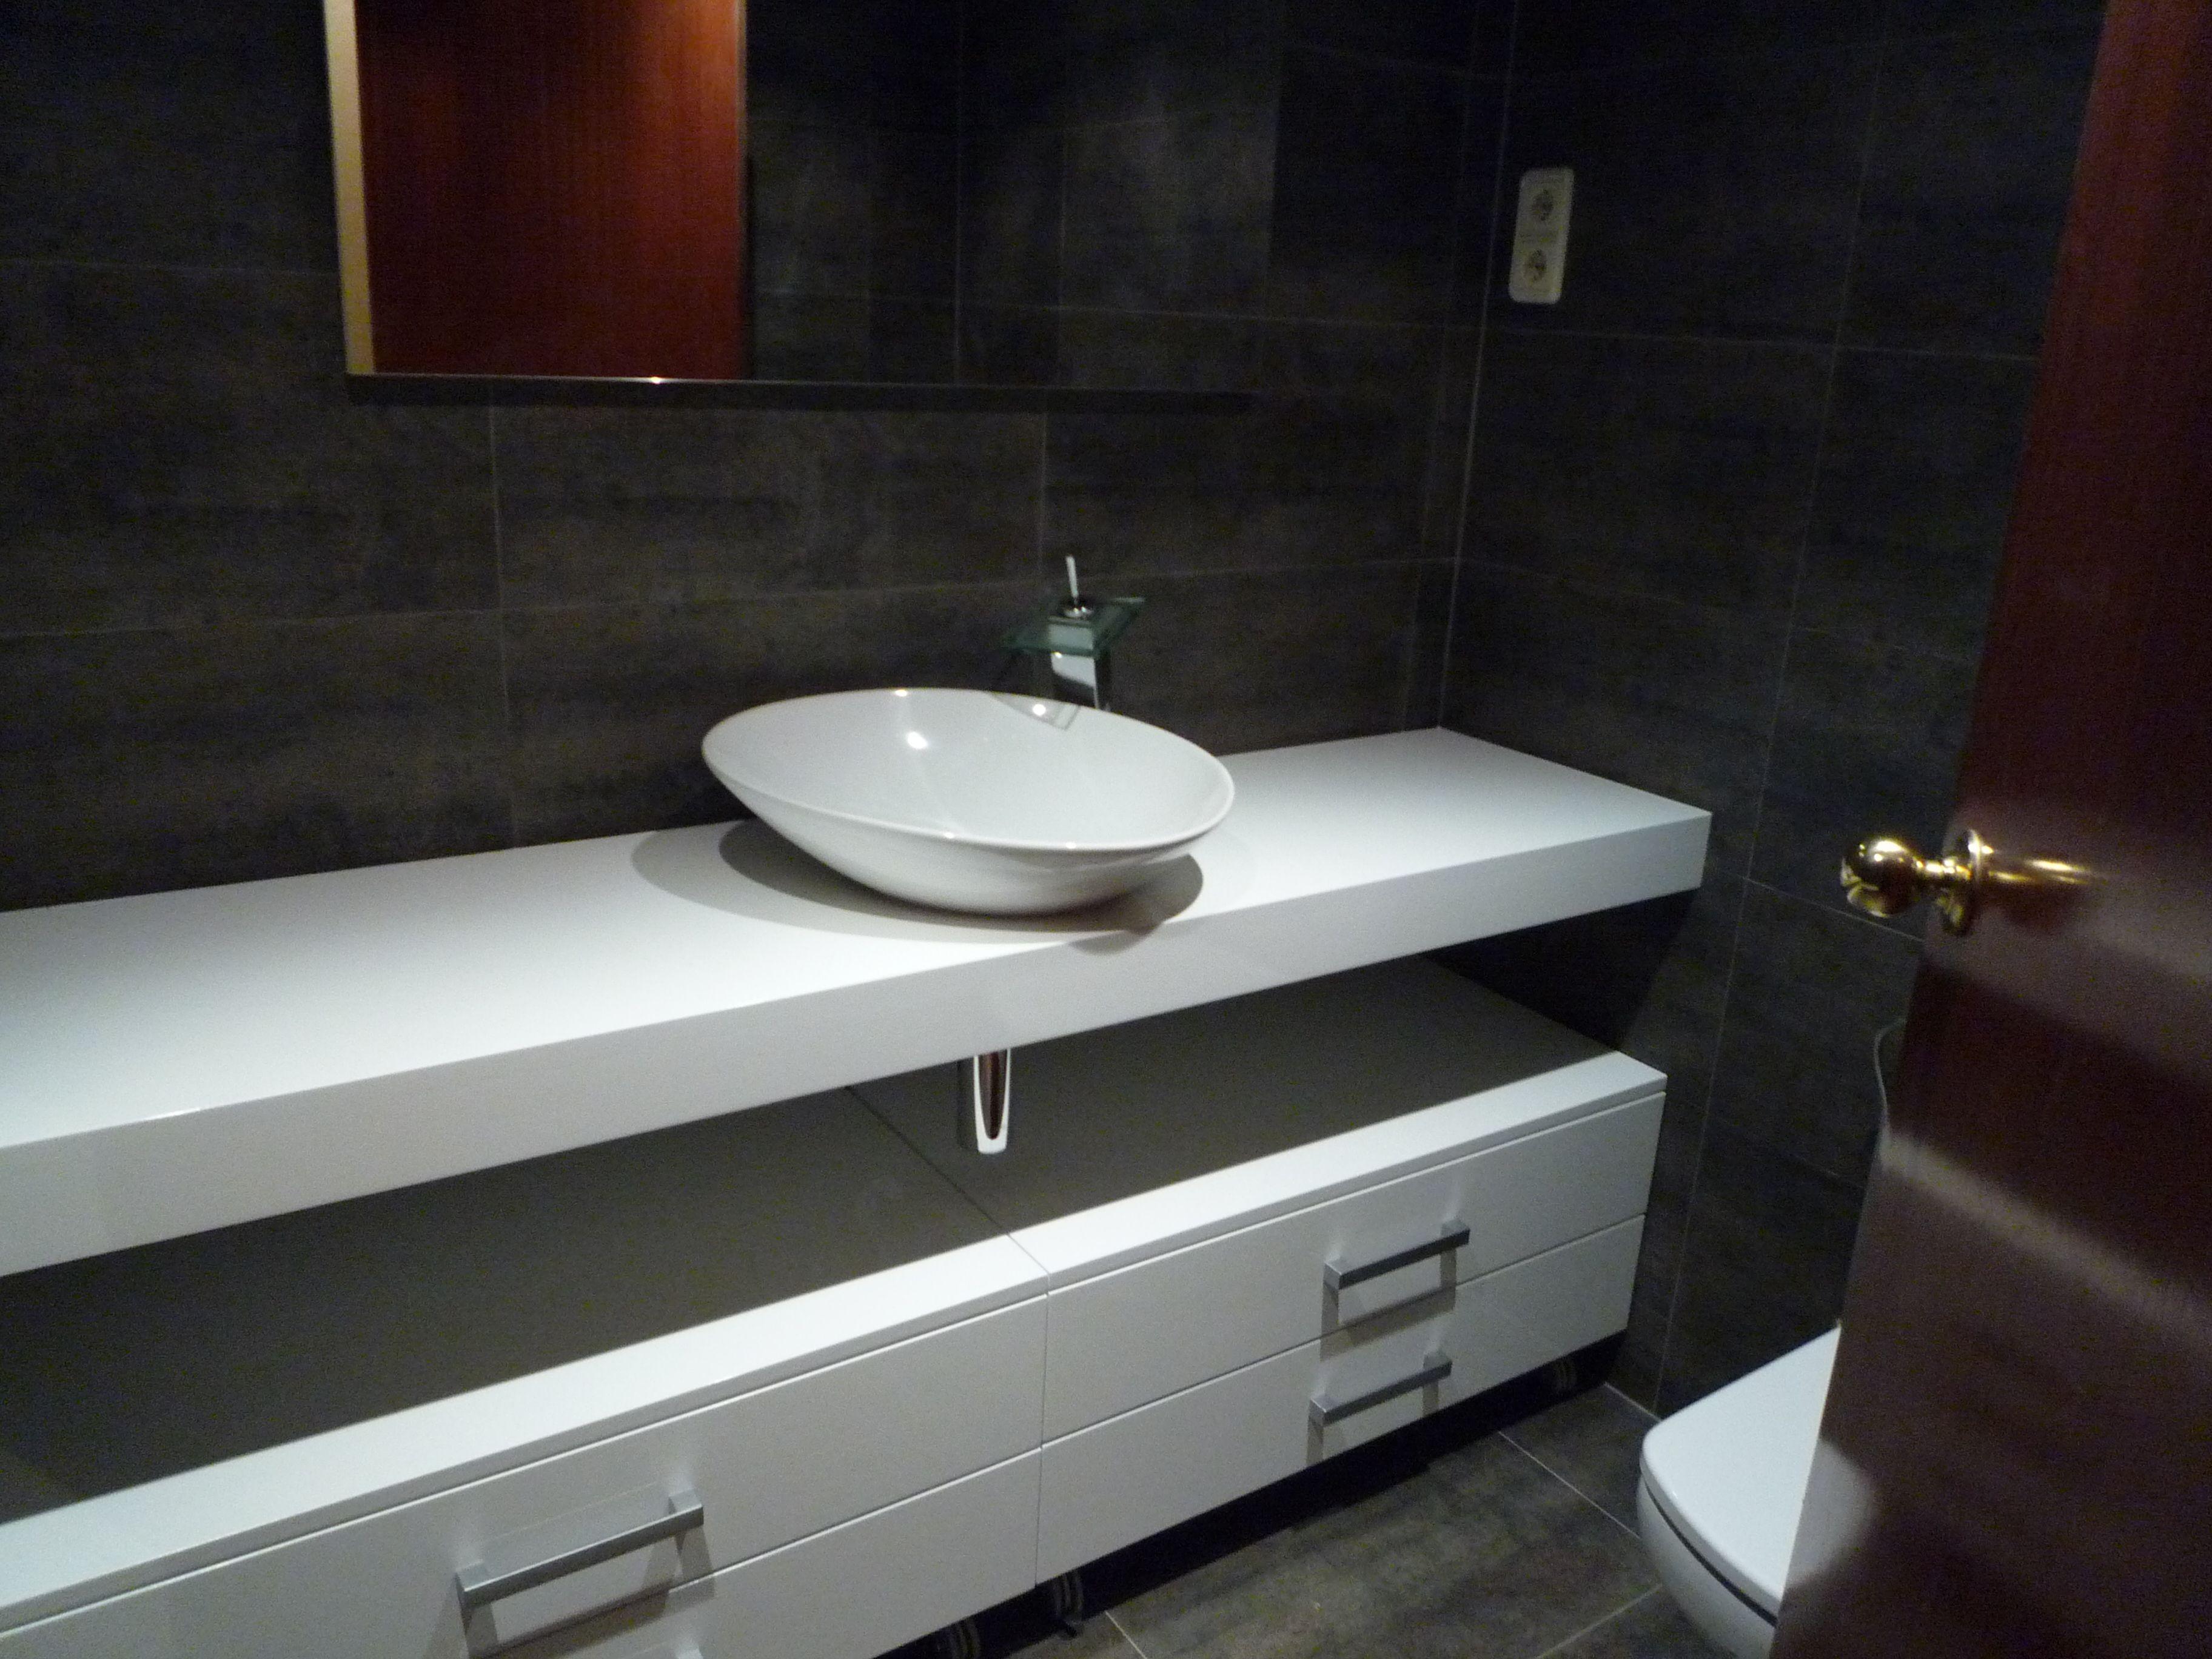 Ba o en blanco y negro mueble a medida con lavabo sobre - Muebles de bano con lavabo ...